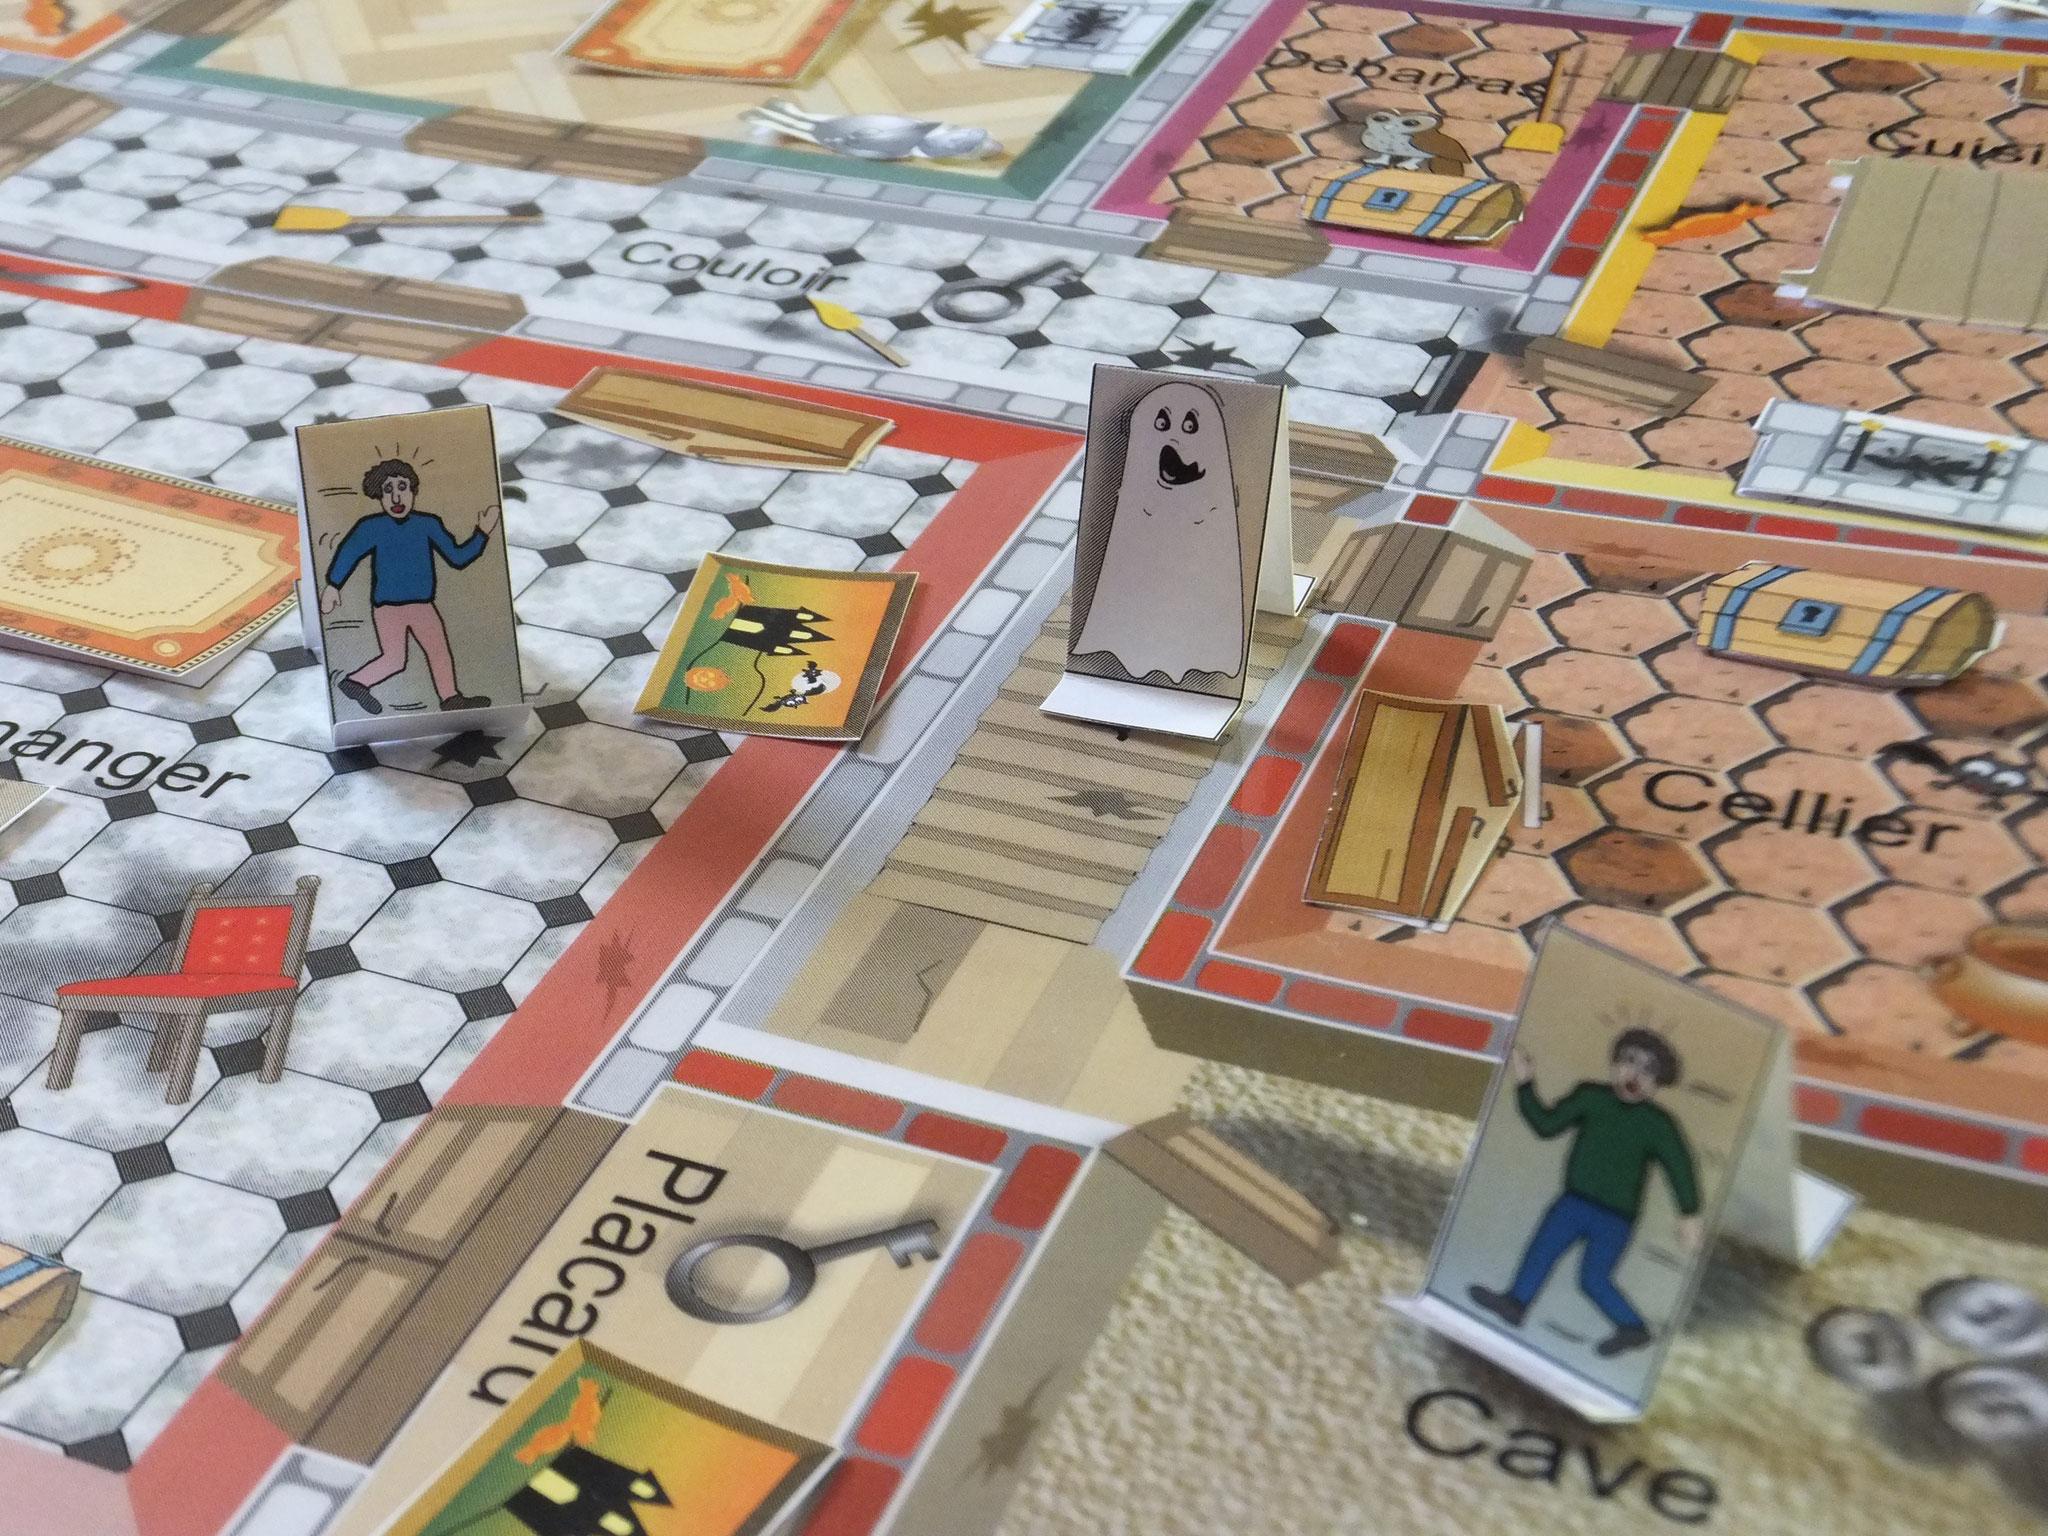 Jeux A Imprimer Pour Enfants, Famille, Ludiques, Éducatifs tout Jeux Gratuits À Imprimer Pour Adultes